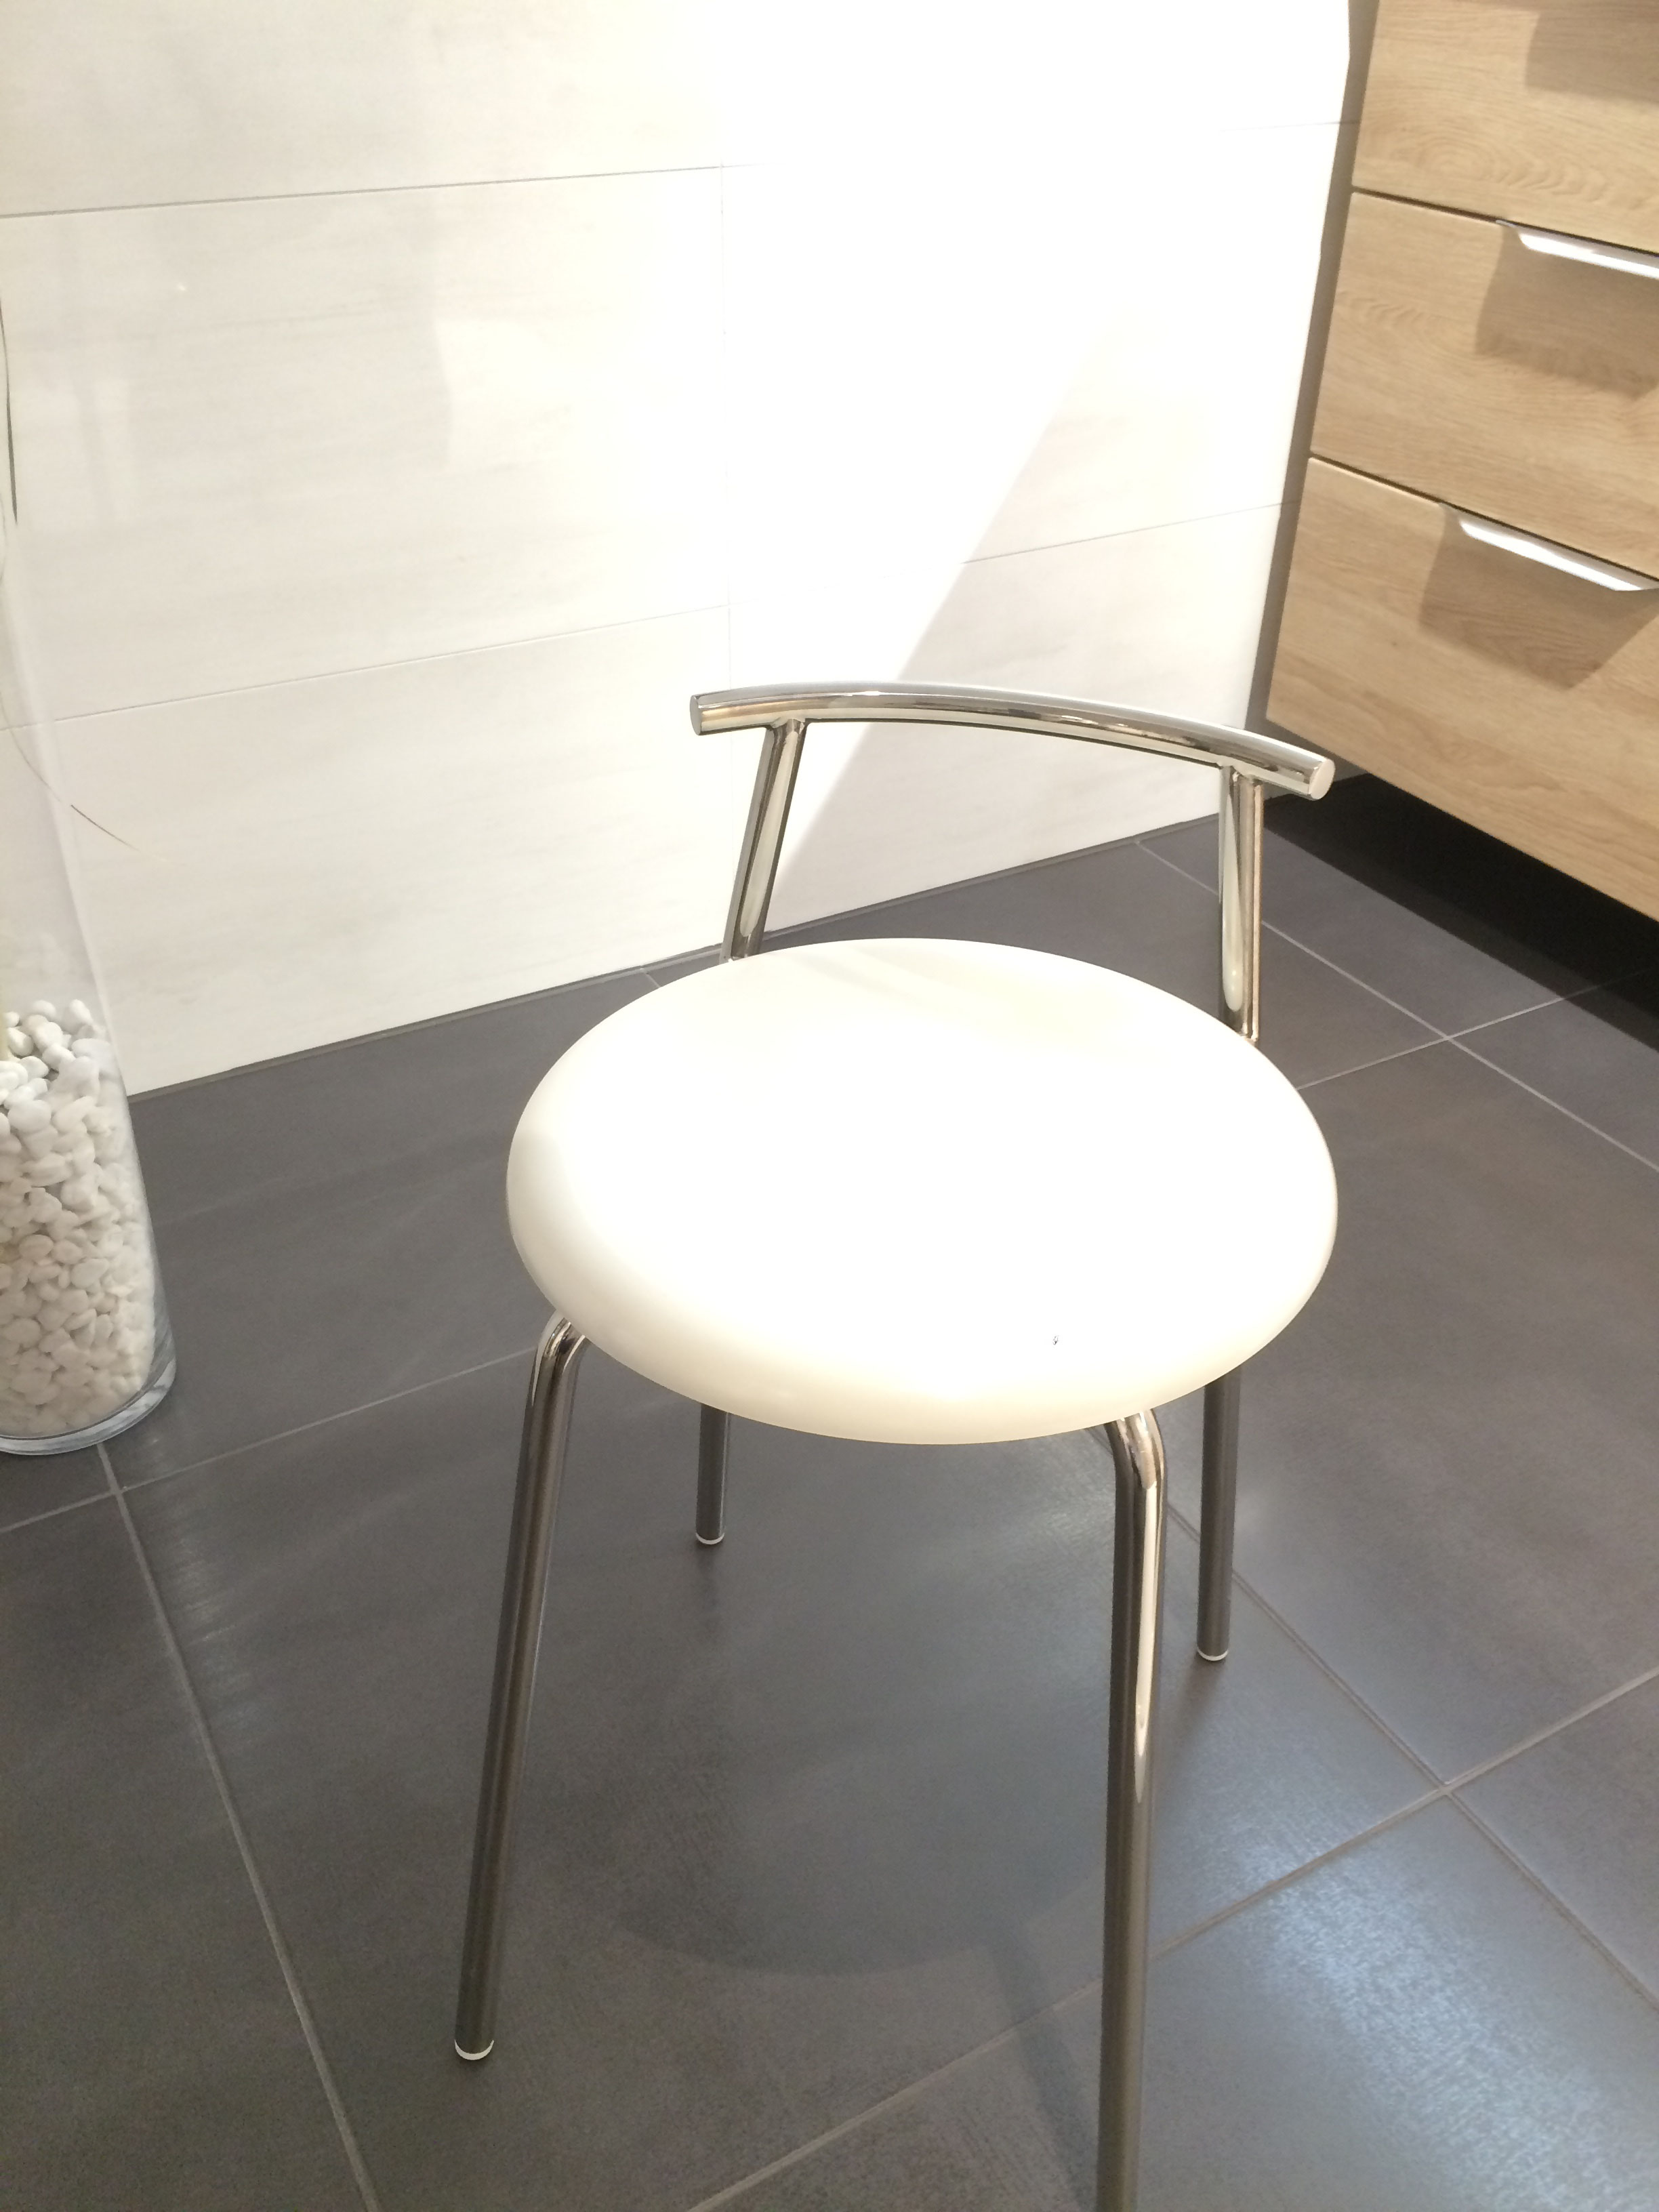 bad accessoires duschkorb lange typky badeinrichtungen. Black Bedroom Furniture Sets. Home Design Ideas